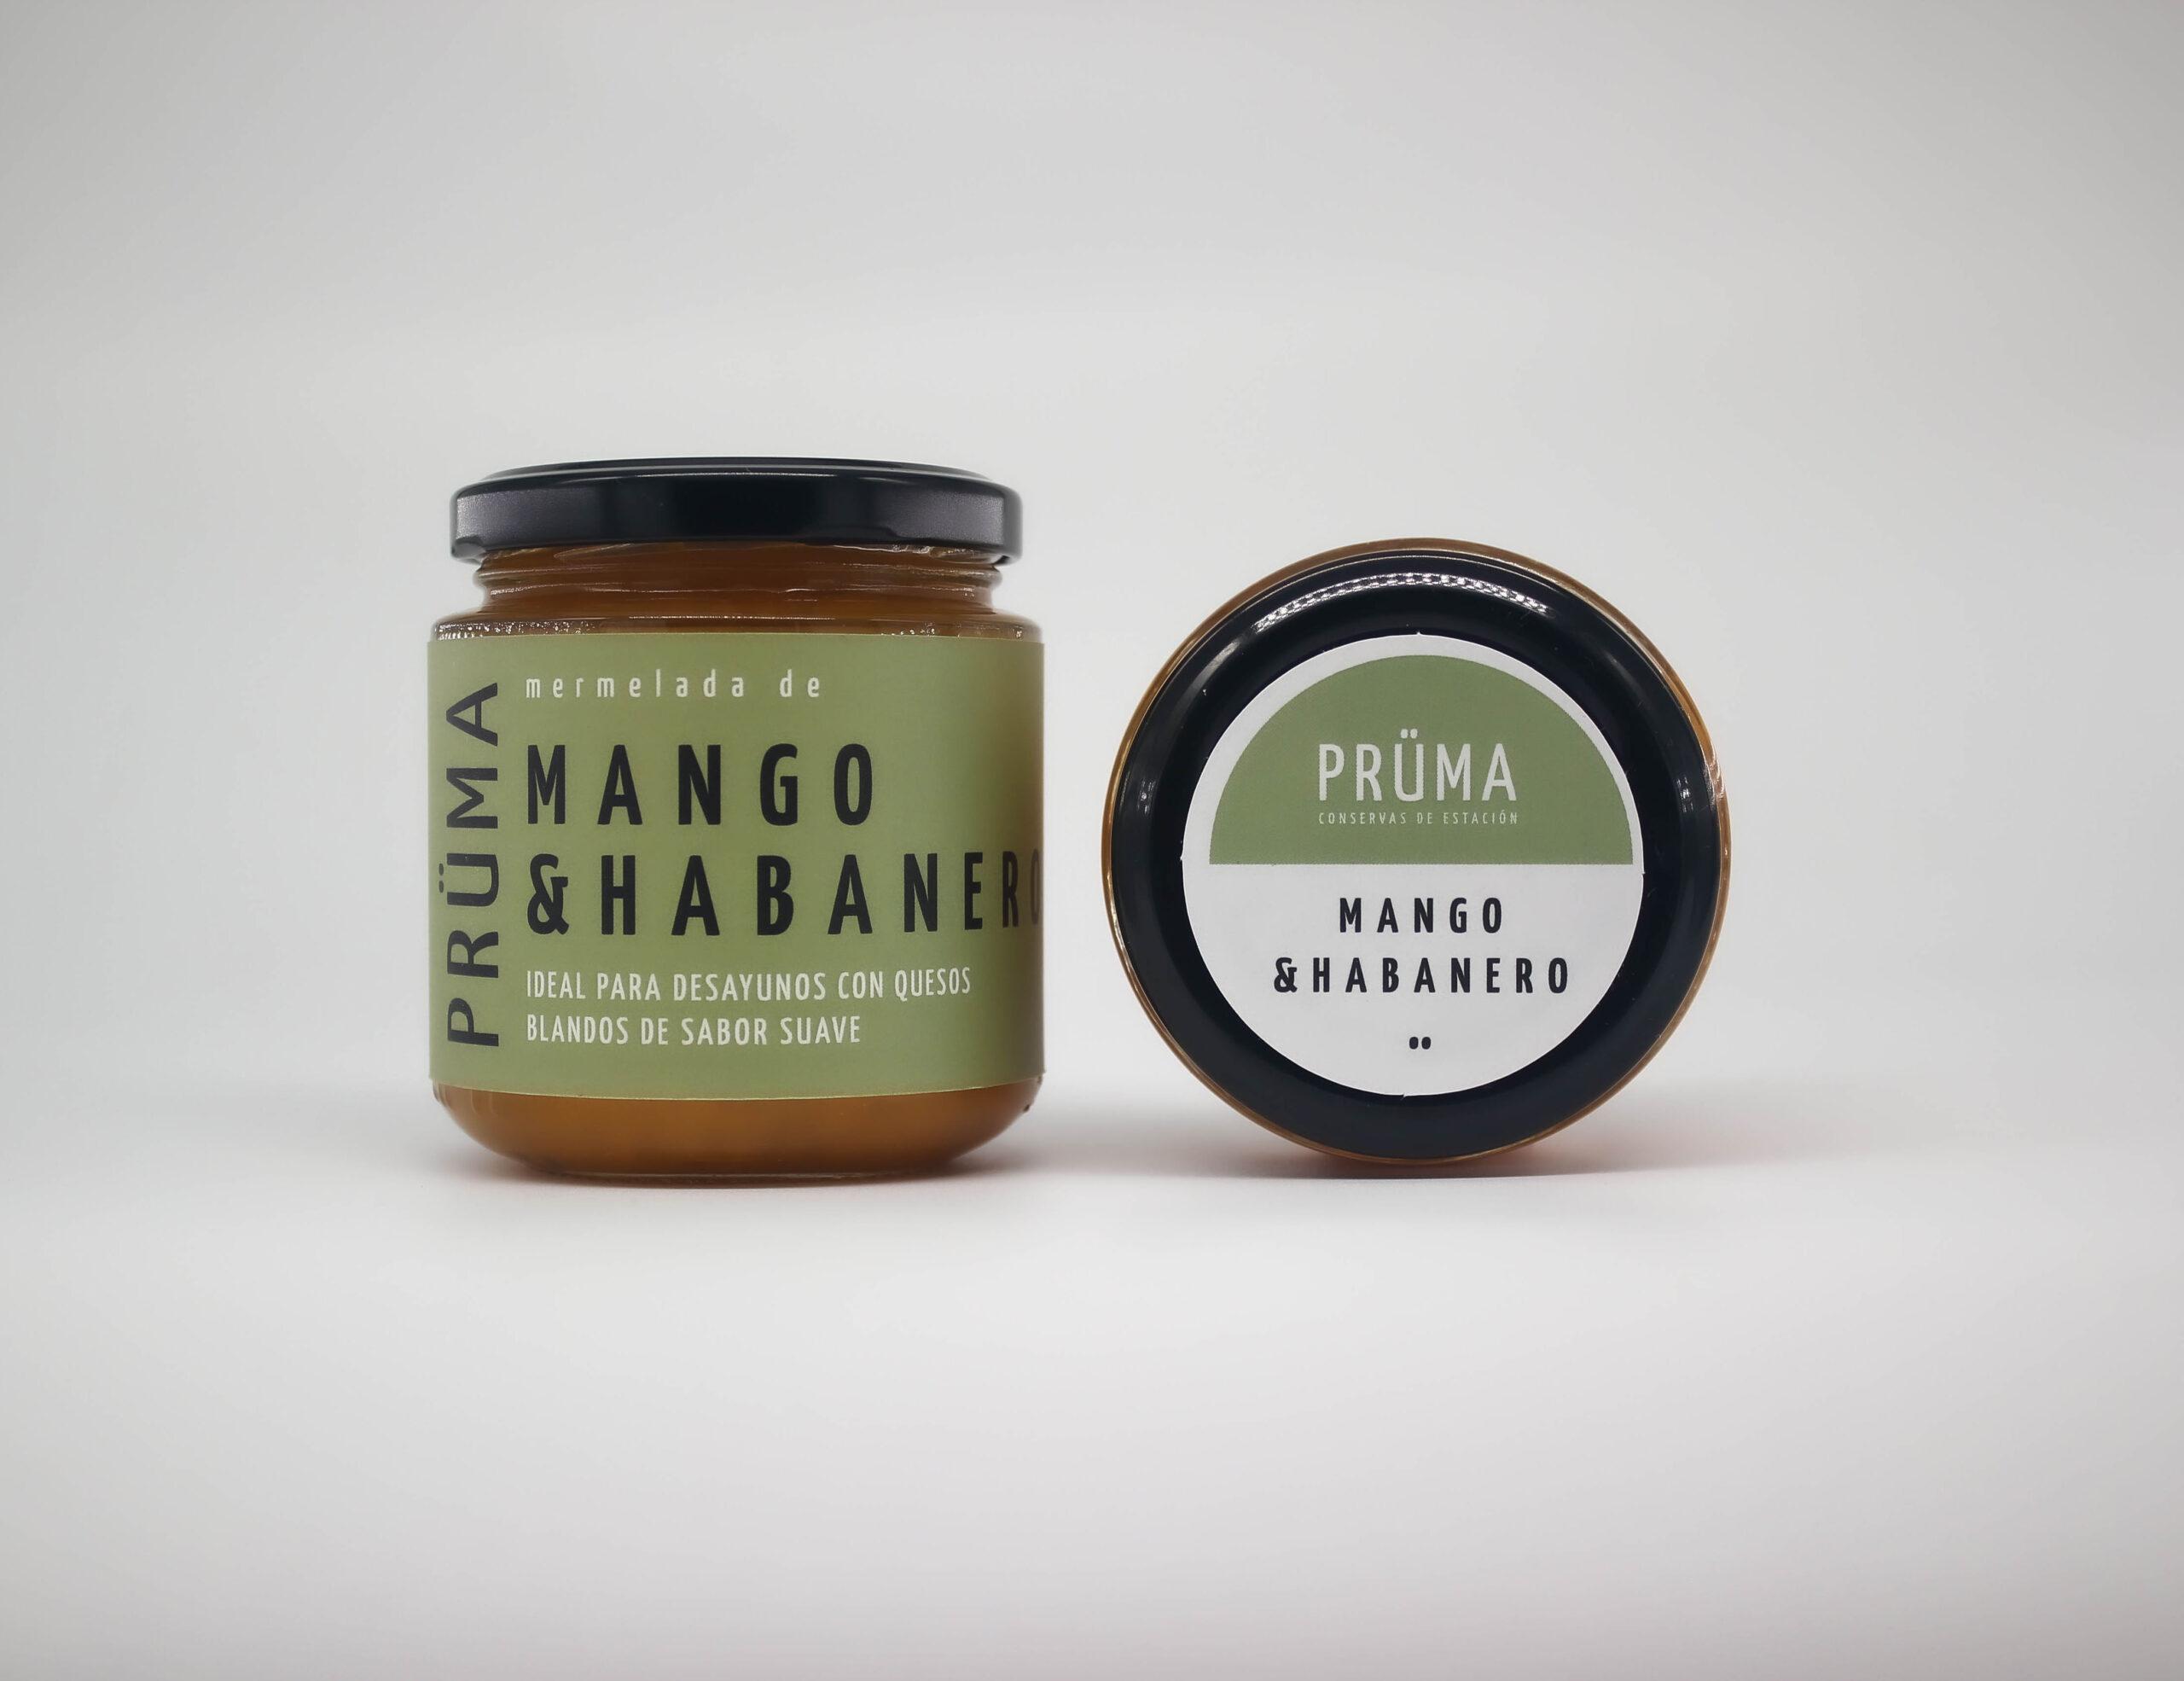 Mango & Habanero